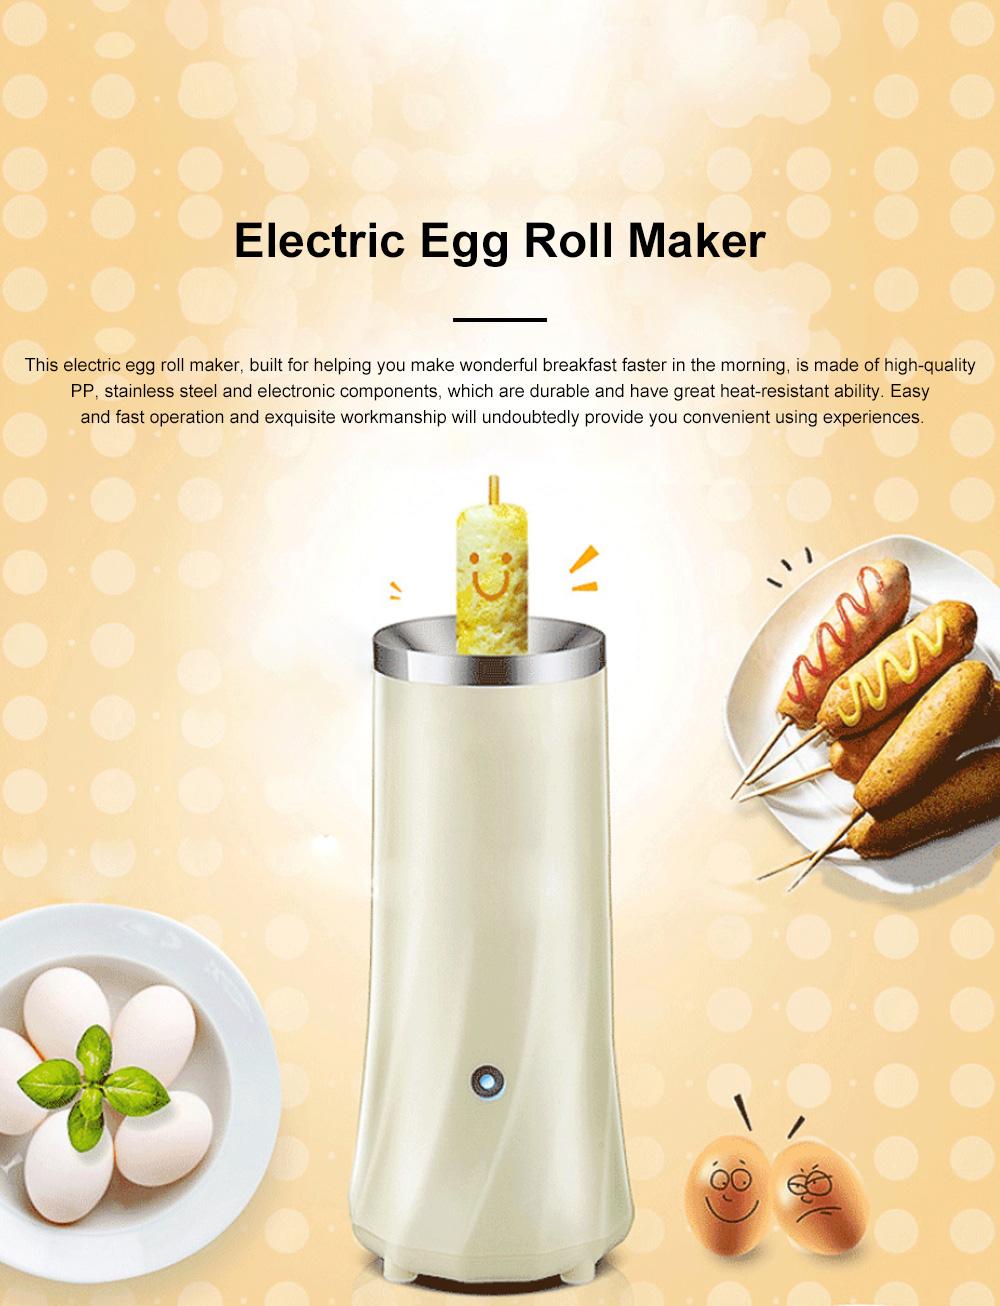 Portable Multifunctional Egg Roll Maker Household Automatic Breakfast Egg Fryer Stainless Steel Maker Easy-Operation Single Tube Omelet Electric Machine 0